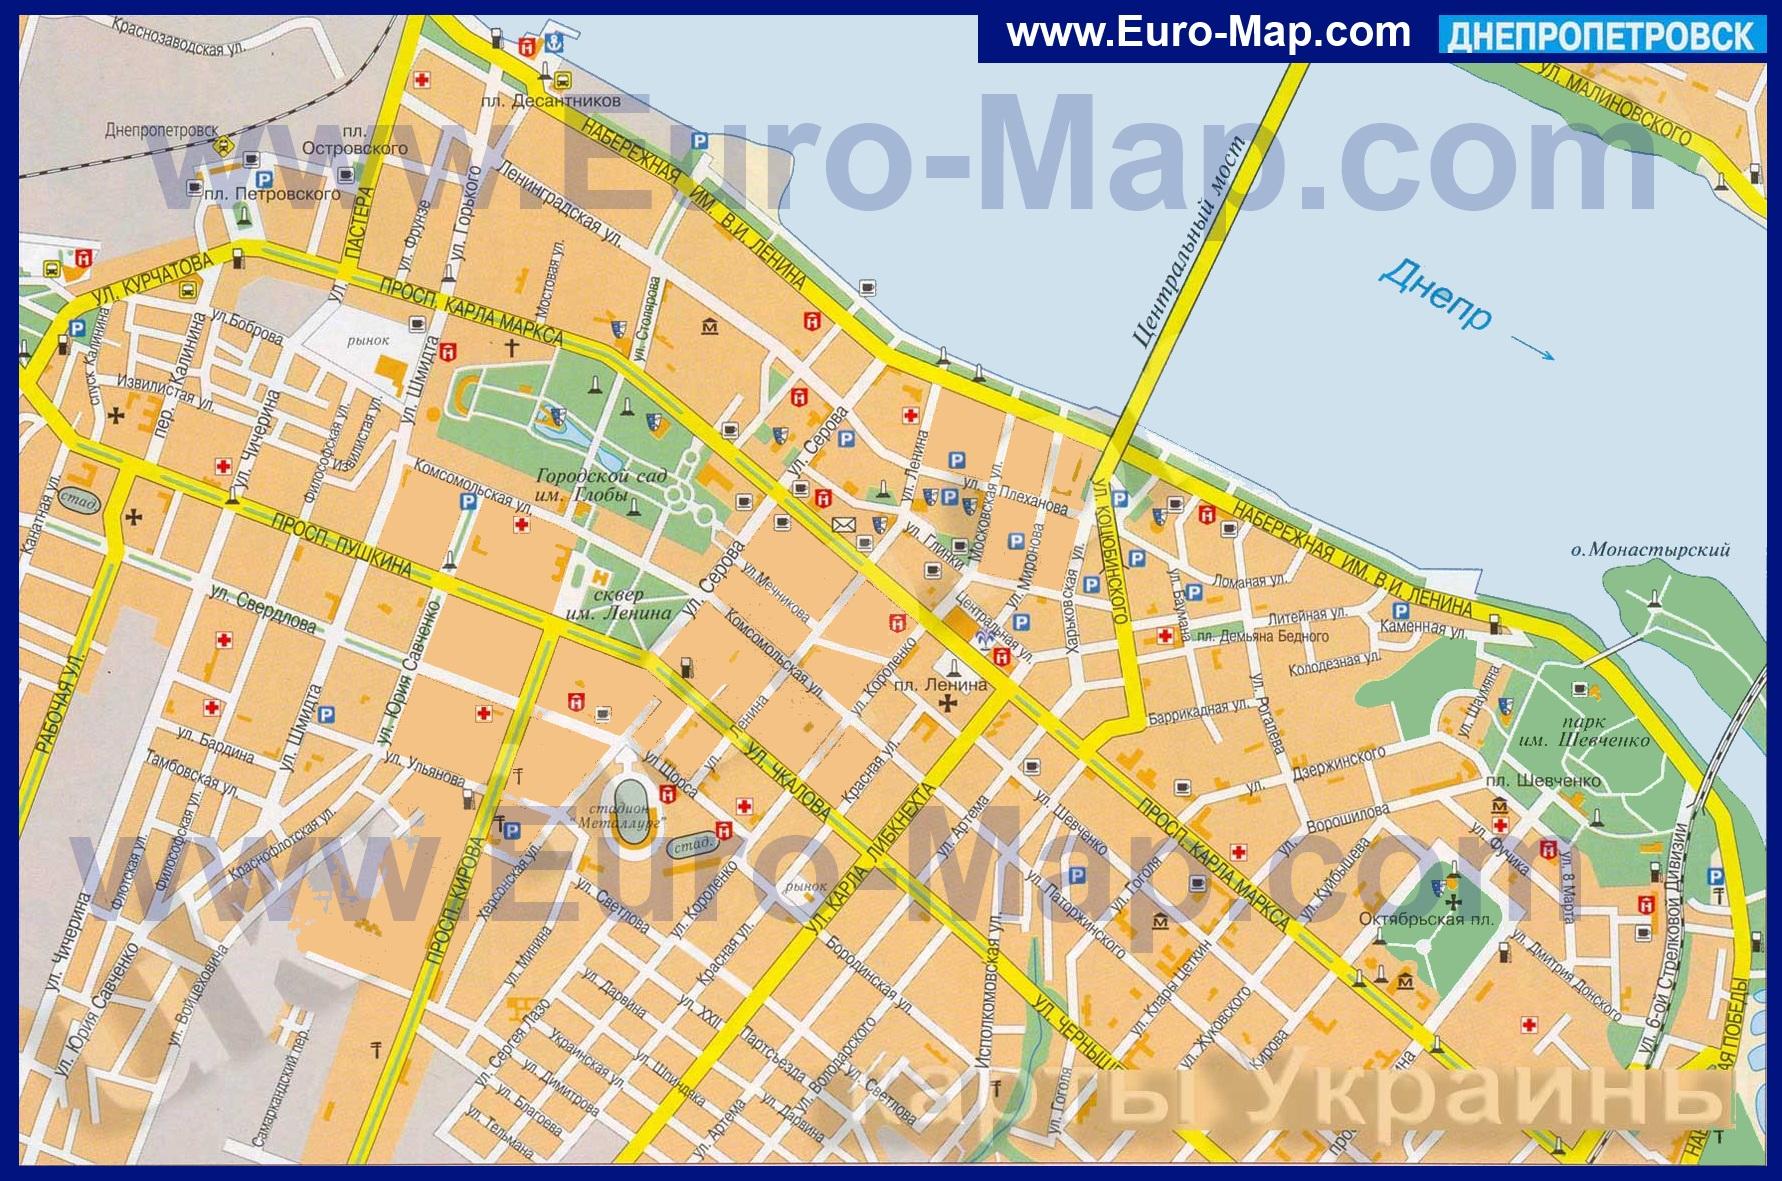 уже было карта города днепропетровска с улицами и домами подробно длинным рукавом